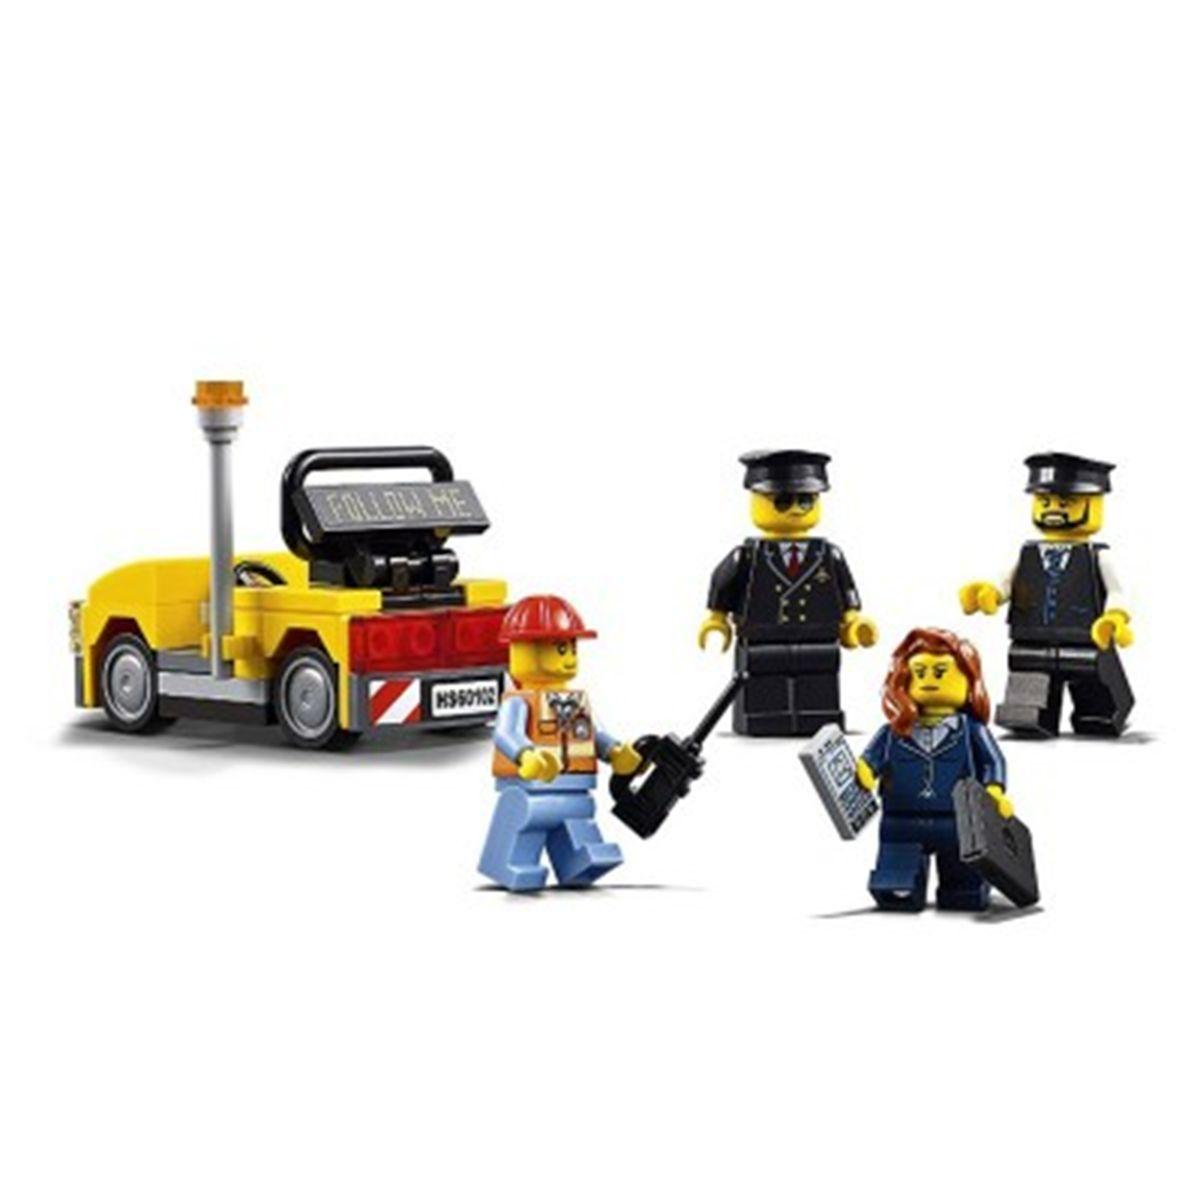 L'aéroport De VillePolice Service Vip Lego City 60102Le La 8n0wOPk